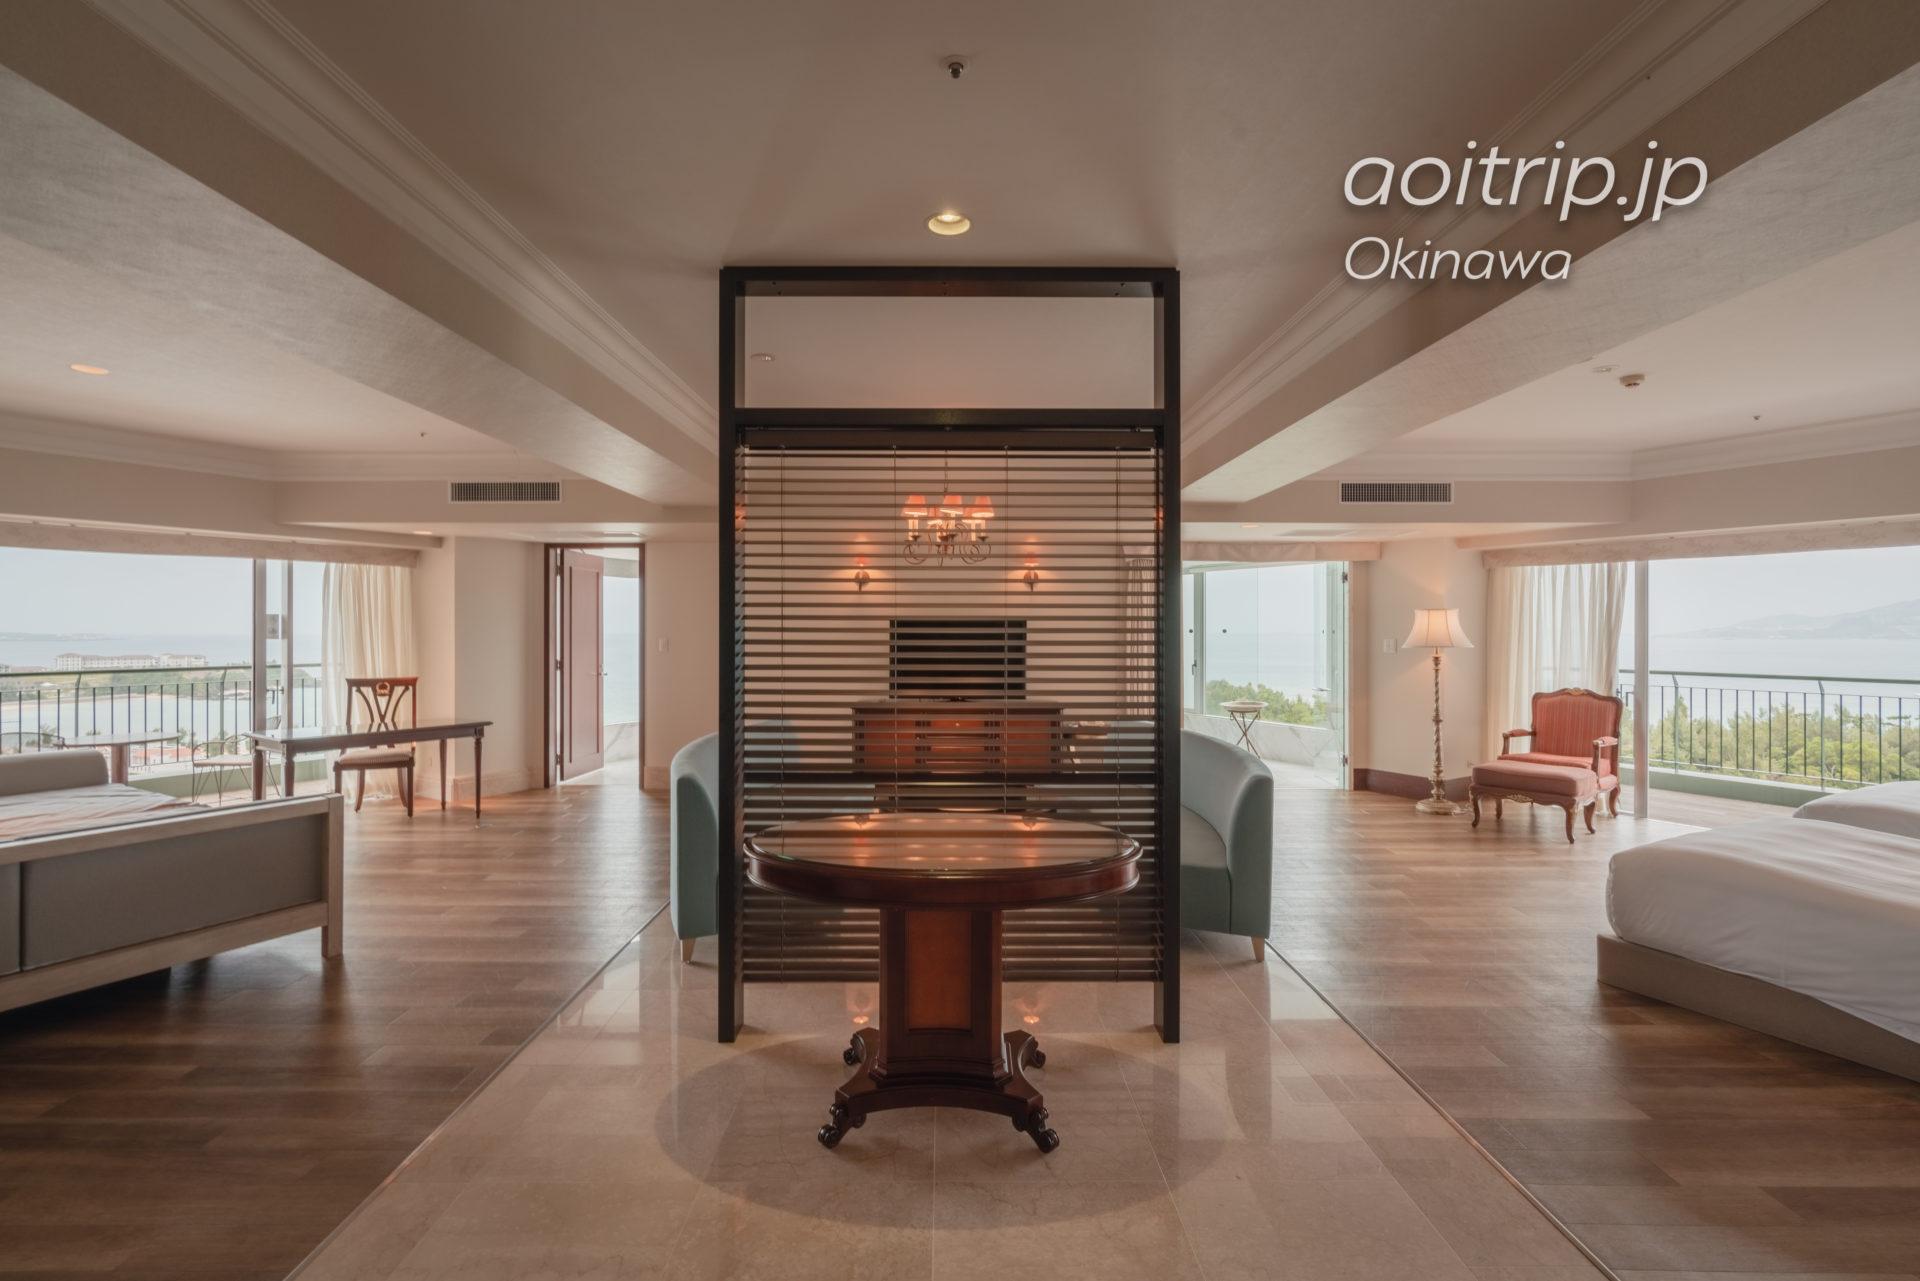 オキナワ マリオット リゾート & スパ パノラマ オーシャンスイート Panorama Ocean Suite